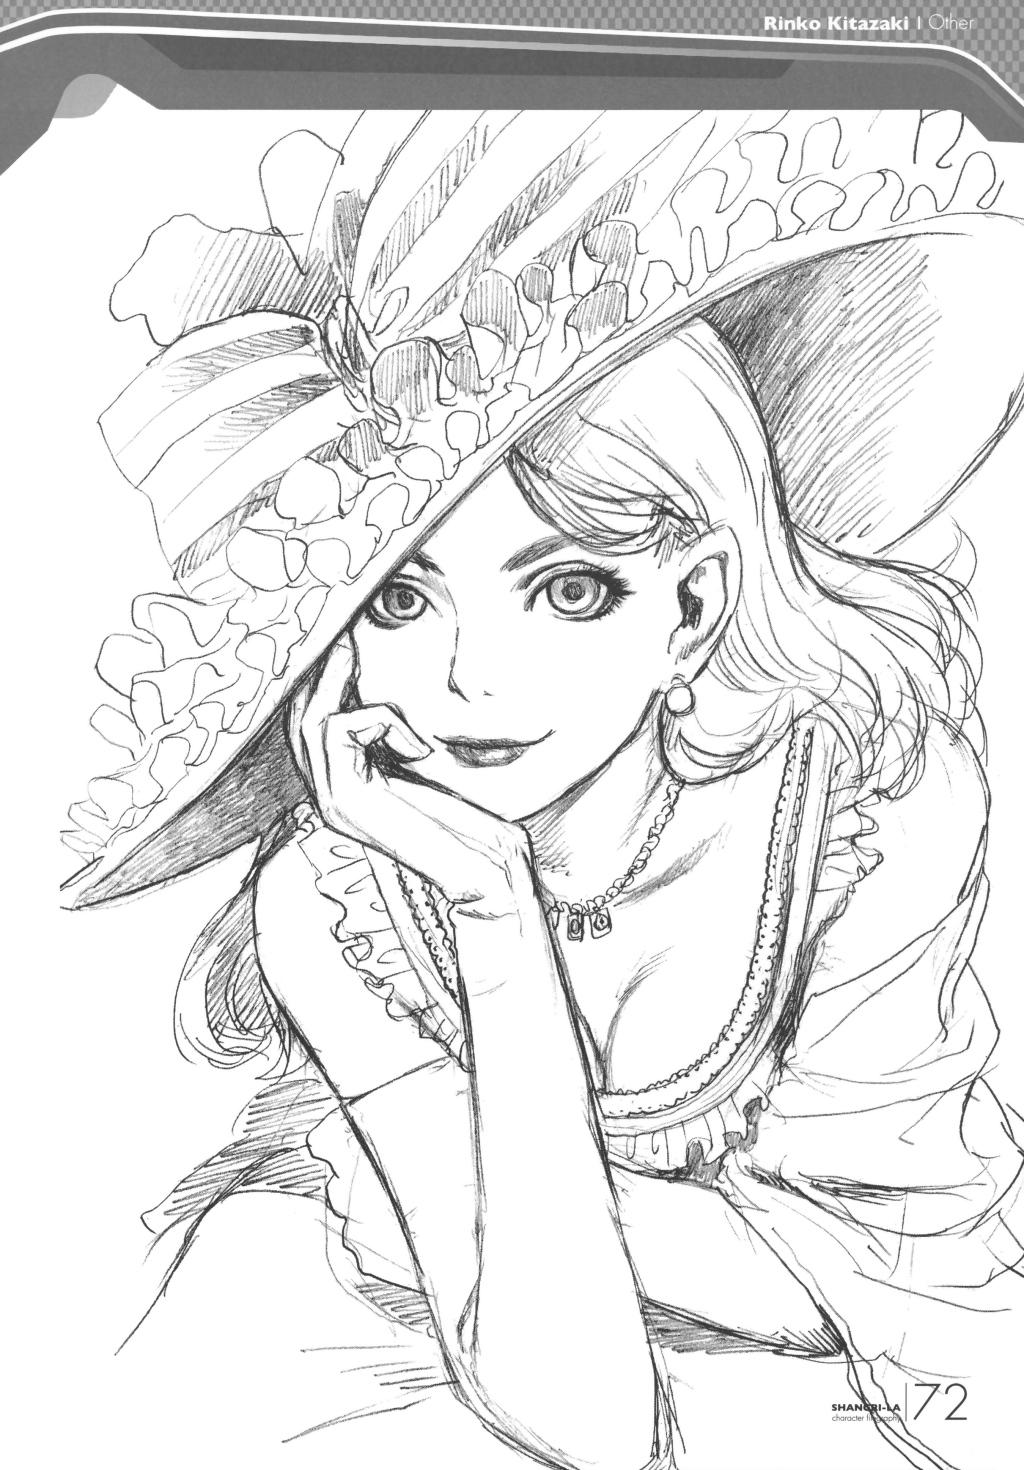 黑白 卡通 临摹 手绘素材 素描 线稿 线描 动漫 线描 线稿 手绘素材